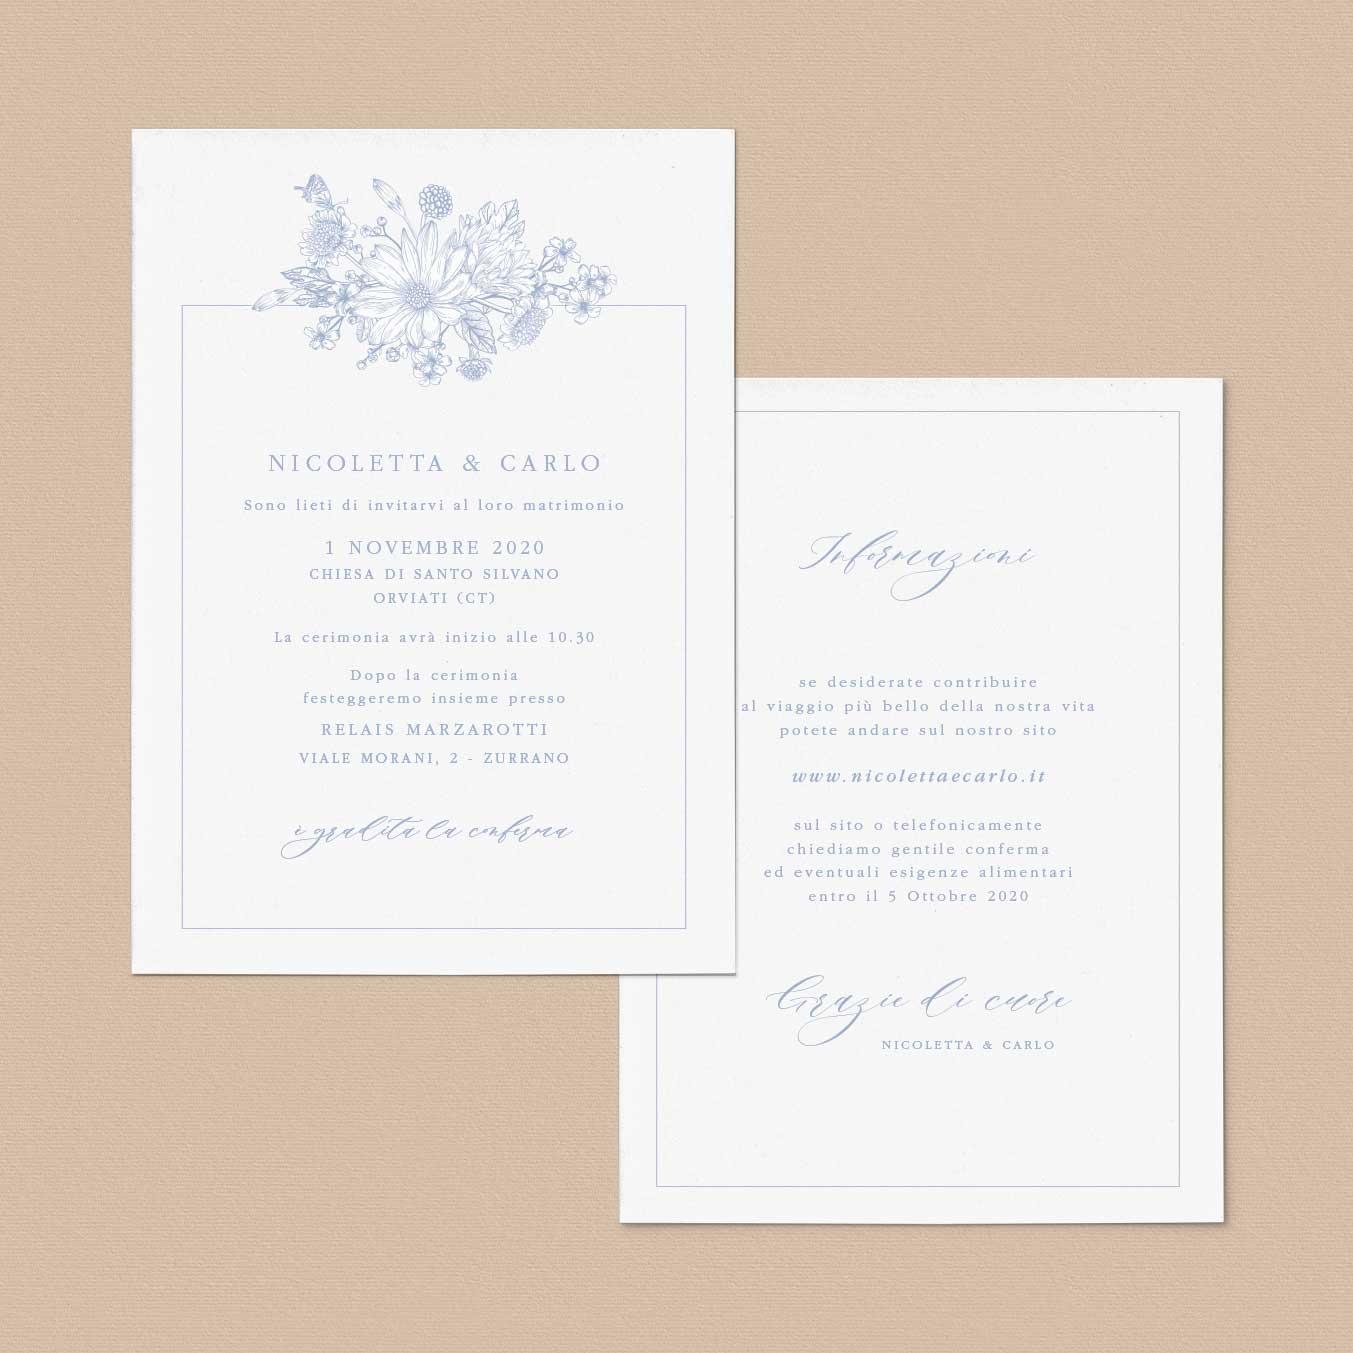 Inviti-di-matrimonio-partecipazioni-di-nozze-fiori-girasoli-tulipani-peonie-shabby-chic-tema